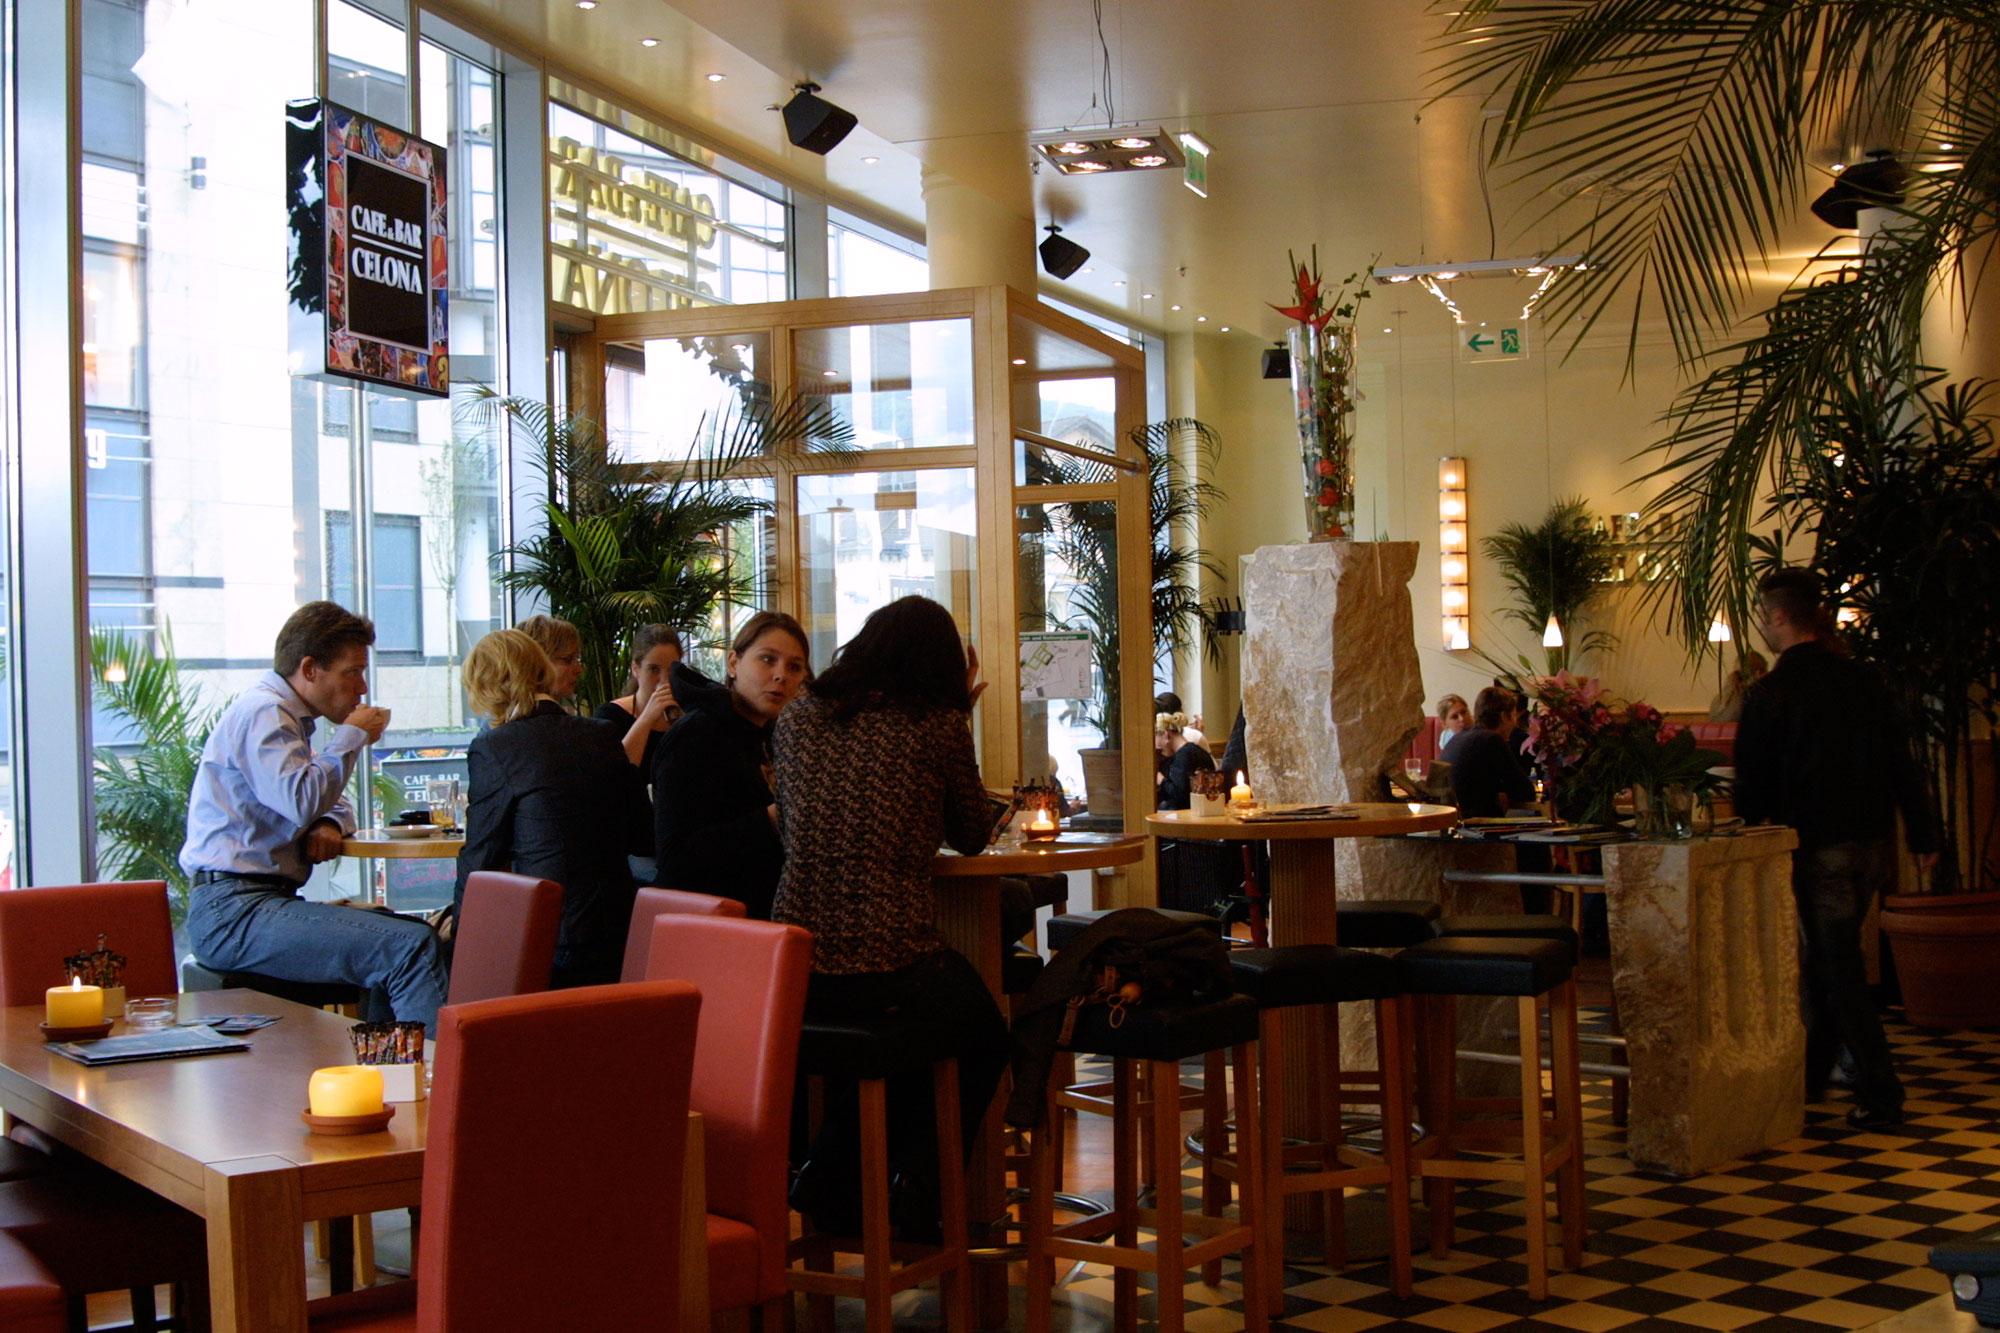 cafe bar celona siegen cafe bar celona. Black Bedroom Furniture Sets. Home Design Ideas